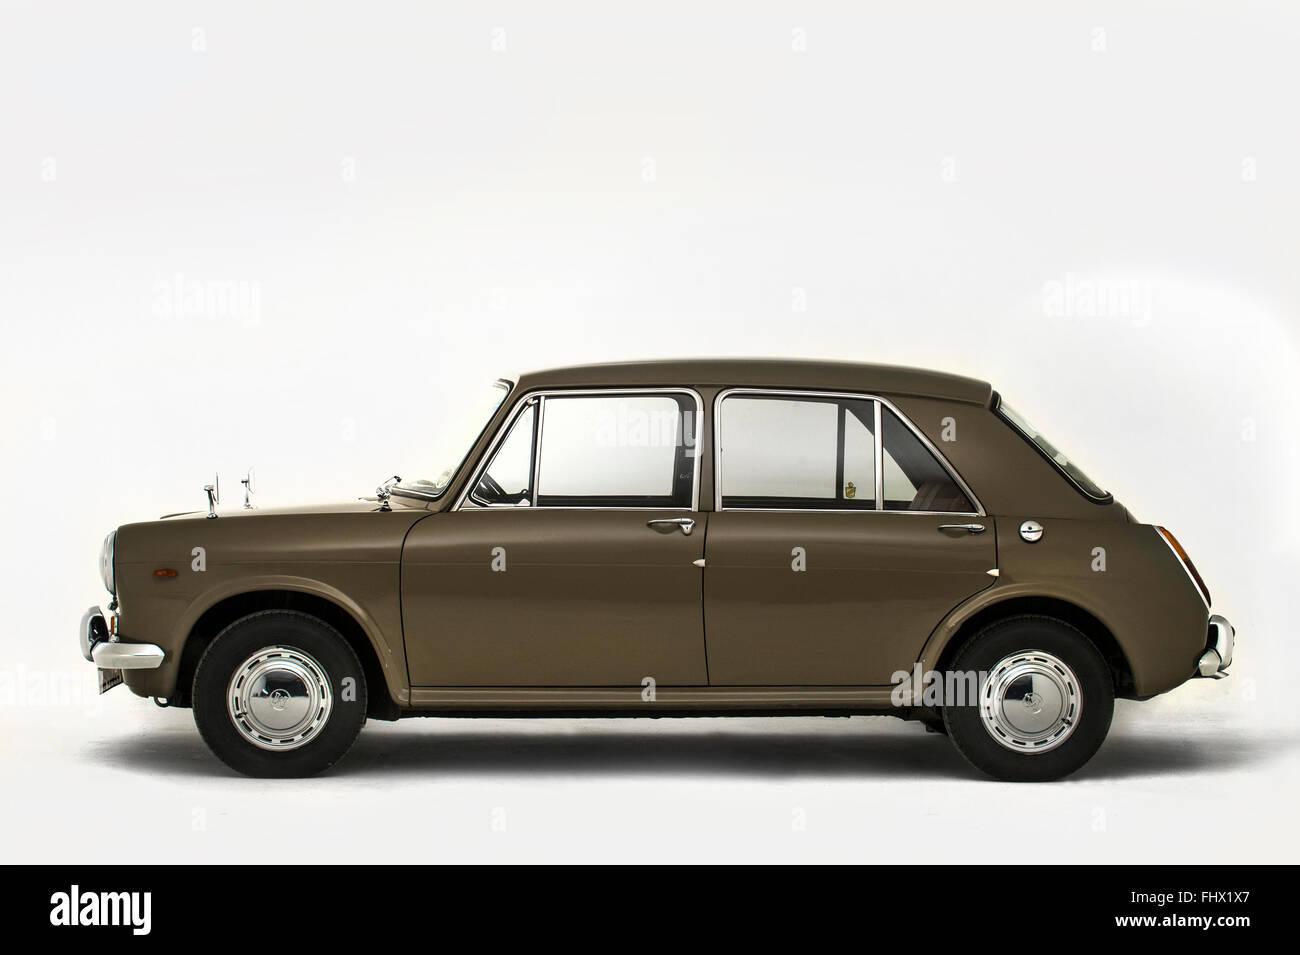 1970 Morris 1300 - Stock Image